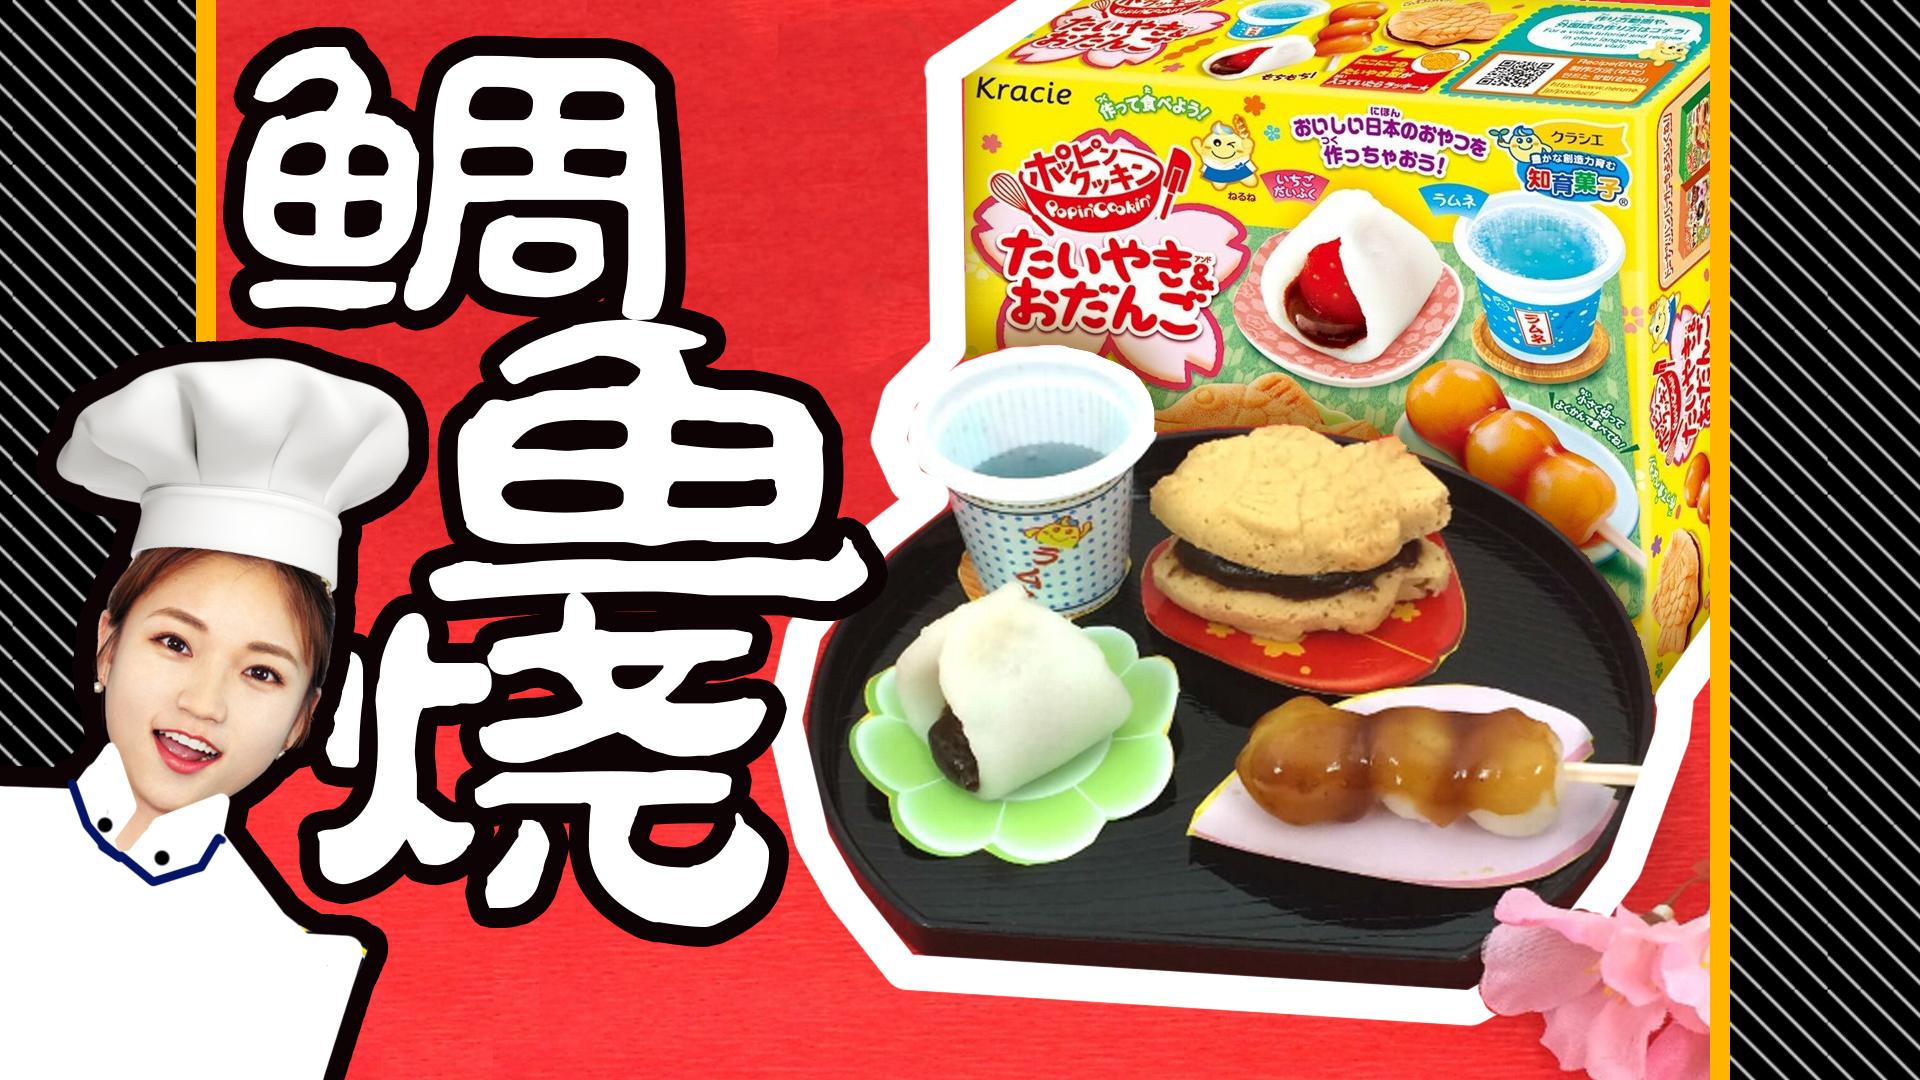 日本食玩_白白侠食玩秀:日本食玩手工diy鲷鱼烧丸子汽水套餐